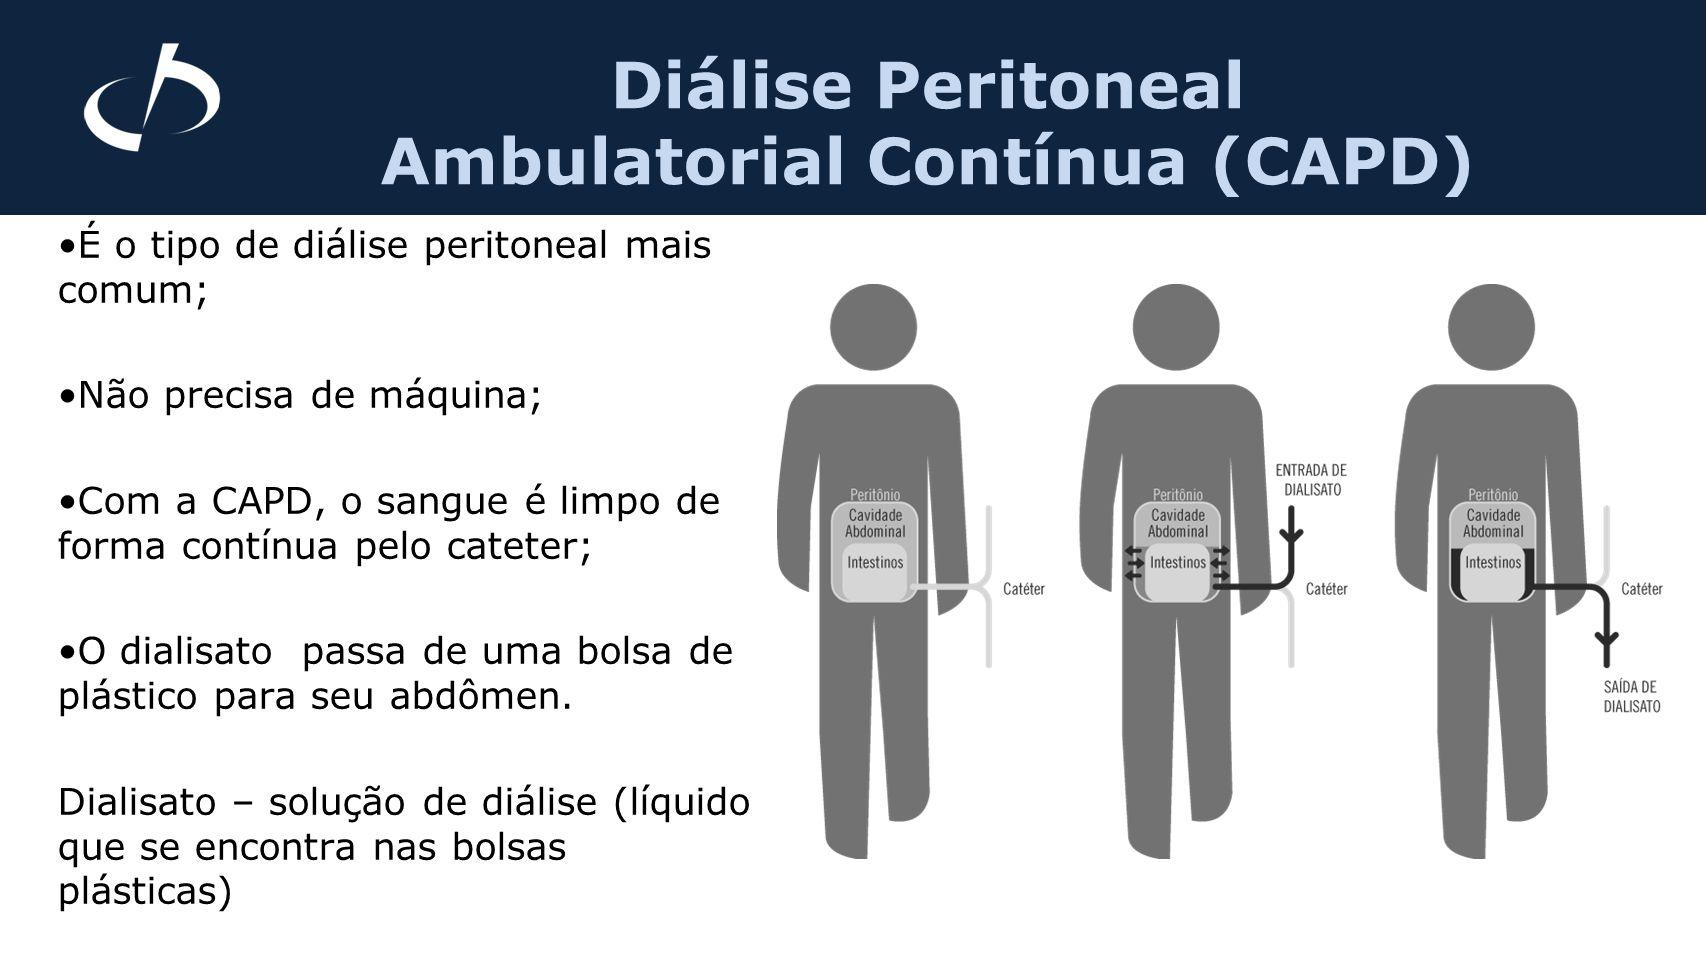 É o tipo de diálise peritoneal mais comum; Não precisa de máquina; Com a CAPD, o sangue é limpo de forma contínua pelo cateter; O dialisato passa de u